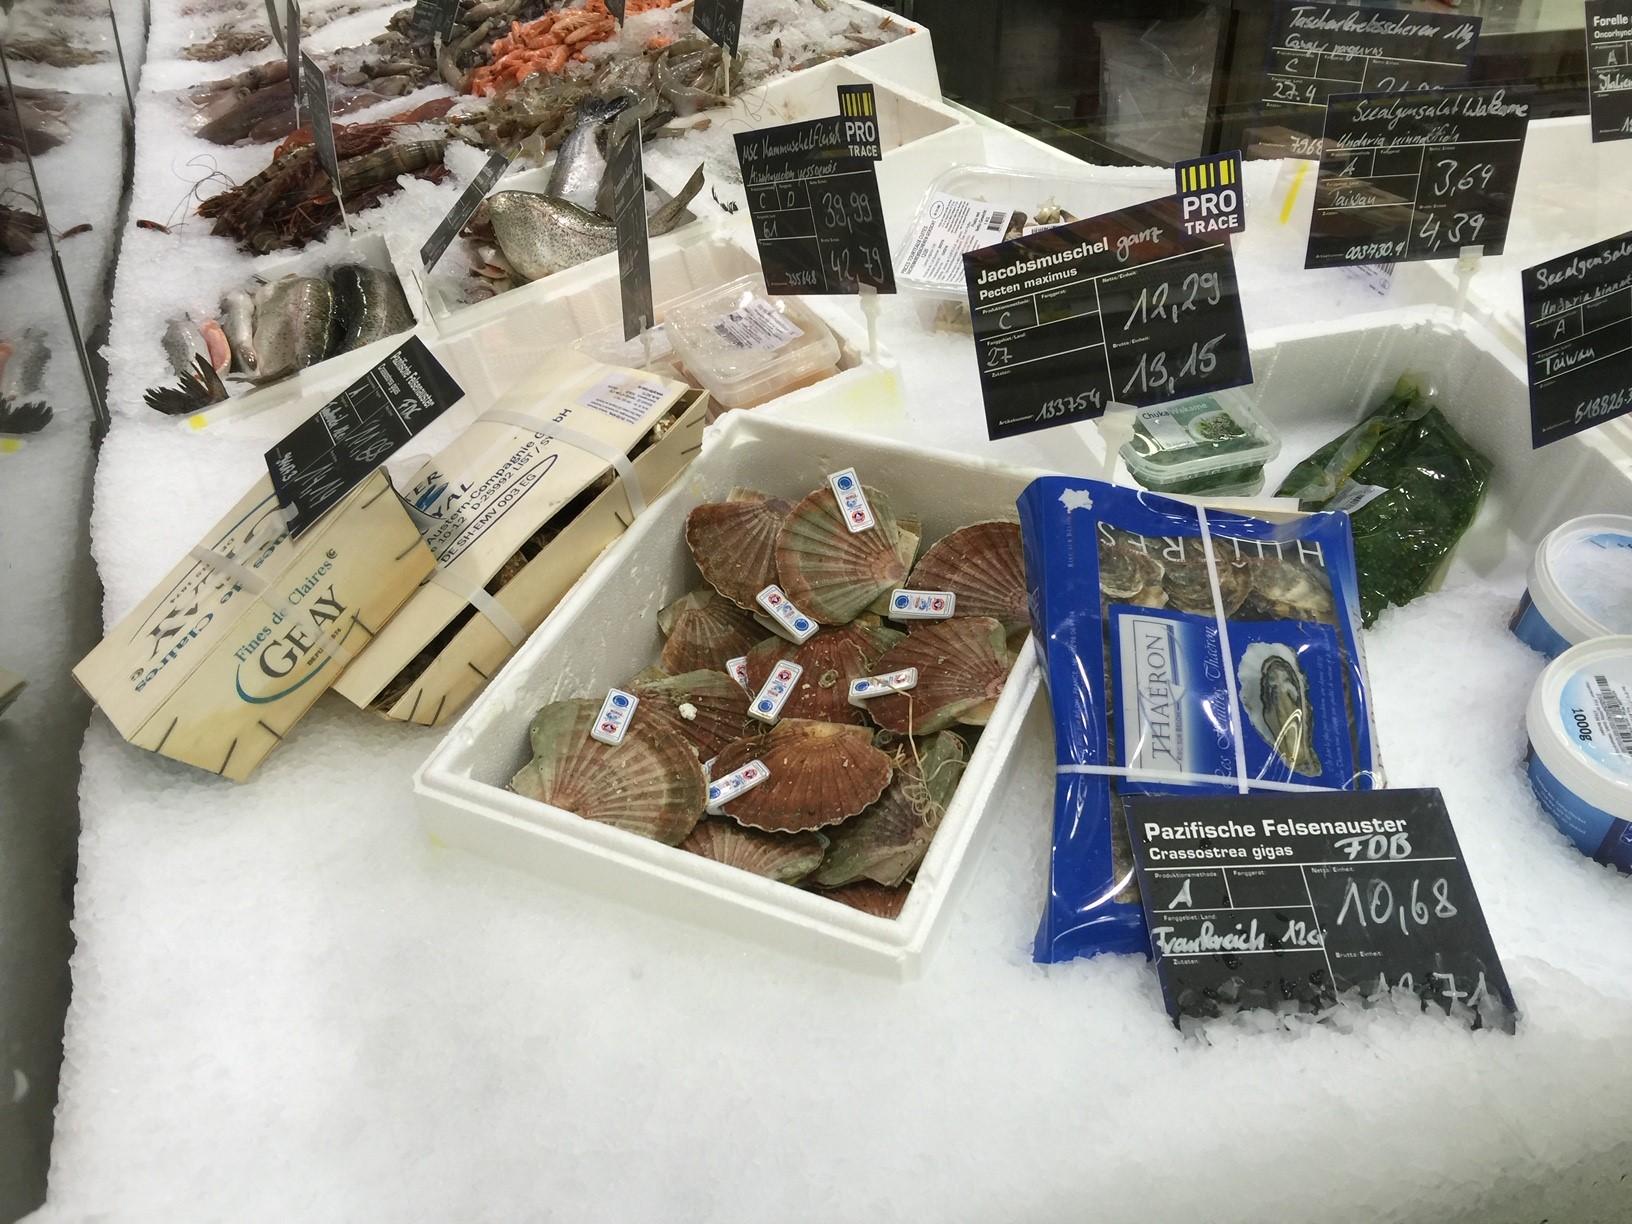 Austern und Miesmuscheln im deutschen Lebensmittelhandel laut Greenpeace-Studie mit Mikroplastik belastet.